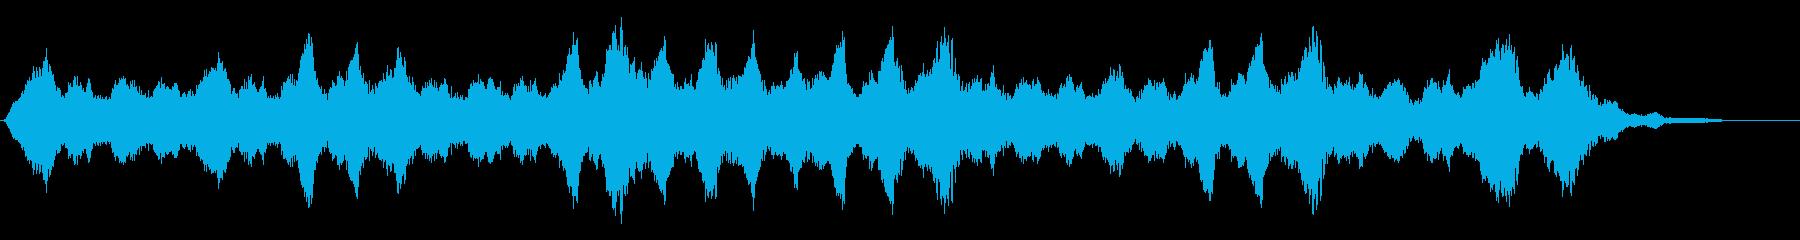 背景音 ホラー 23の再生済みの波形